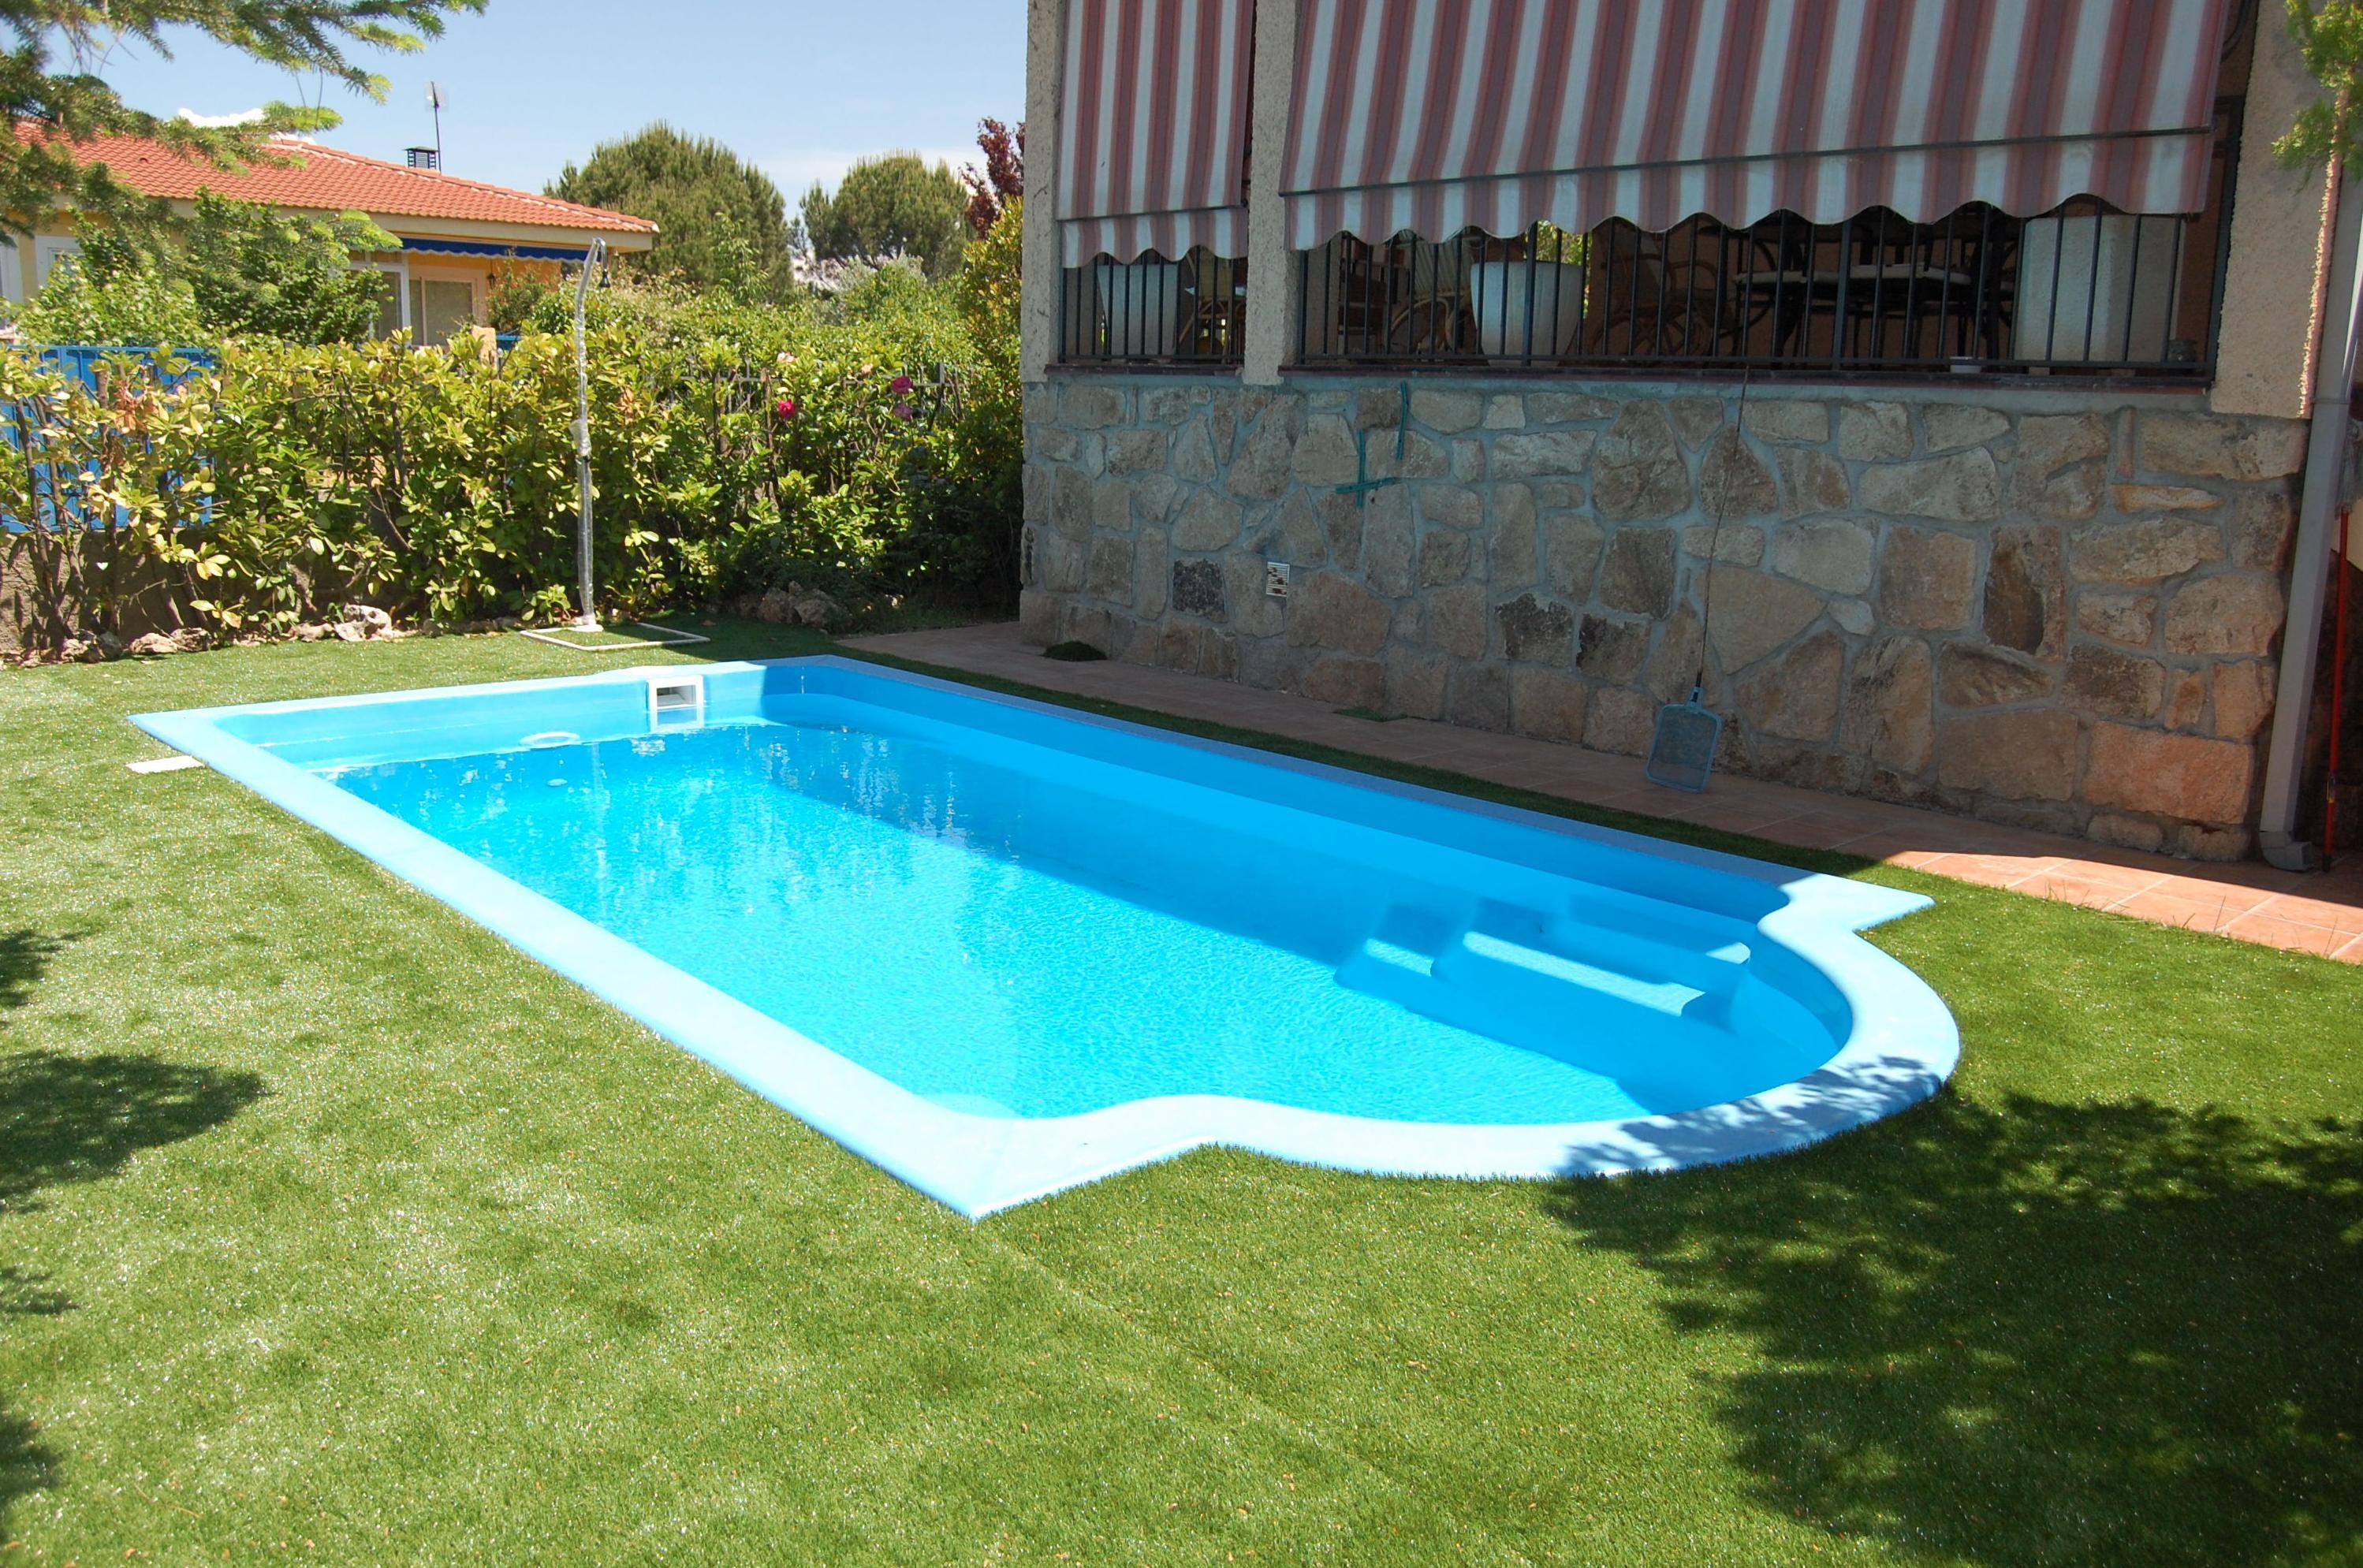 Foto 16 de piscinas instalaci n y mantenimiento en san for Piscinas para enterrar precios